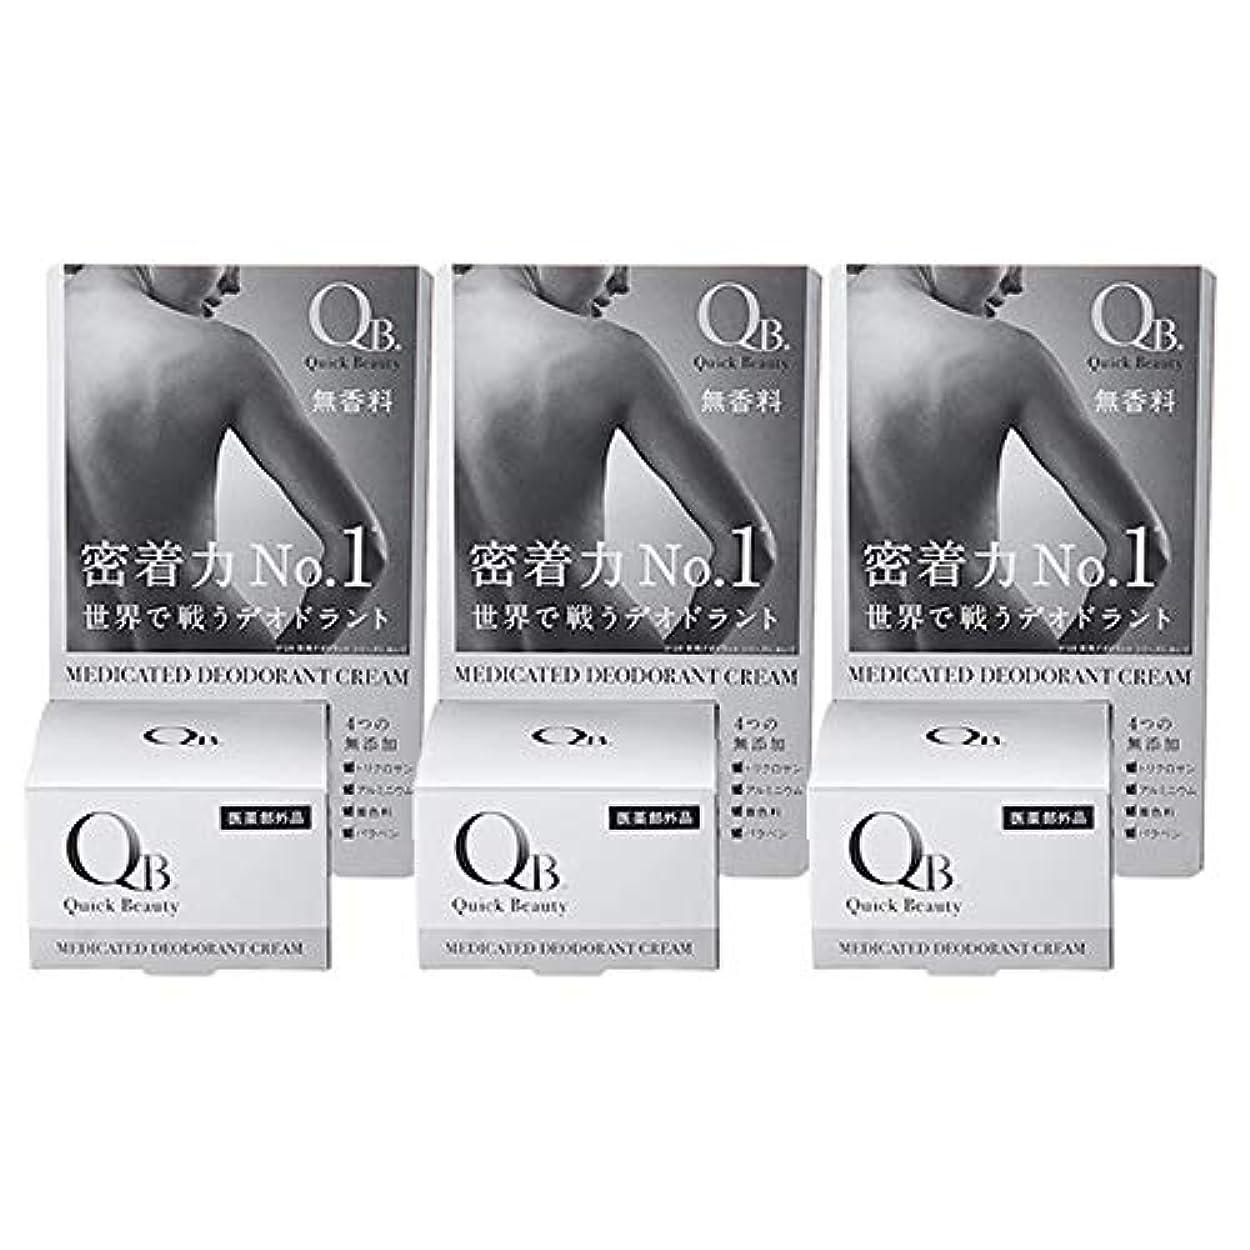 混乱ブラインド不均一【お得3個セット】QB 薬用デオドラントクリーム 30g